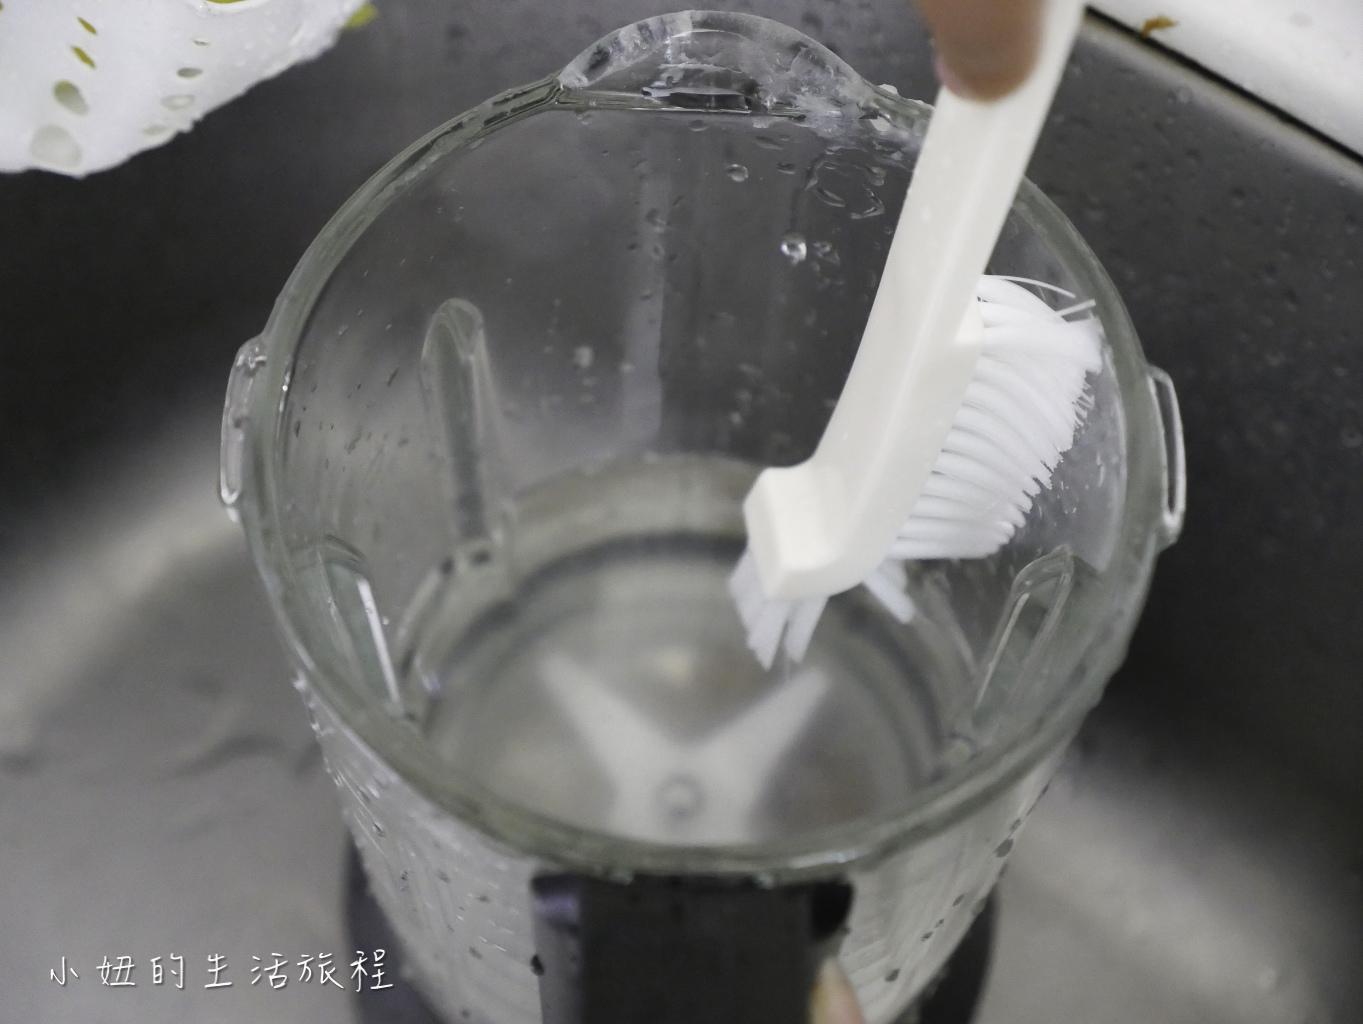 Tefal法國特福高速熱能營養調理機-41.jpg